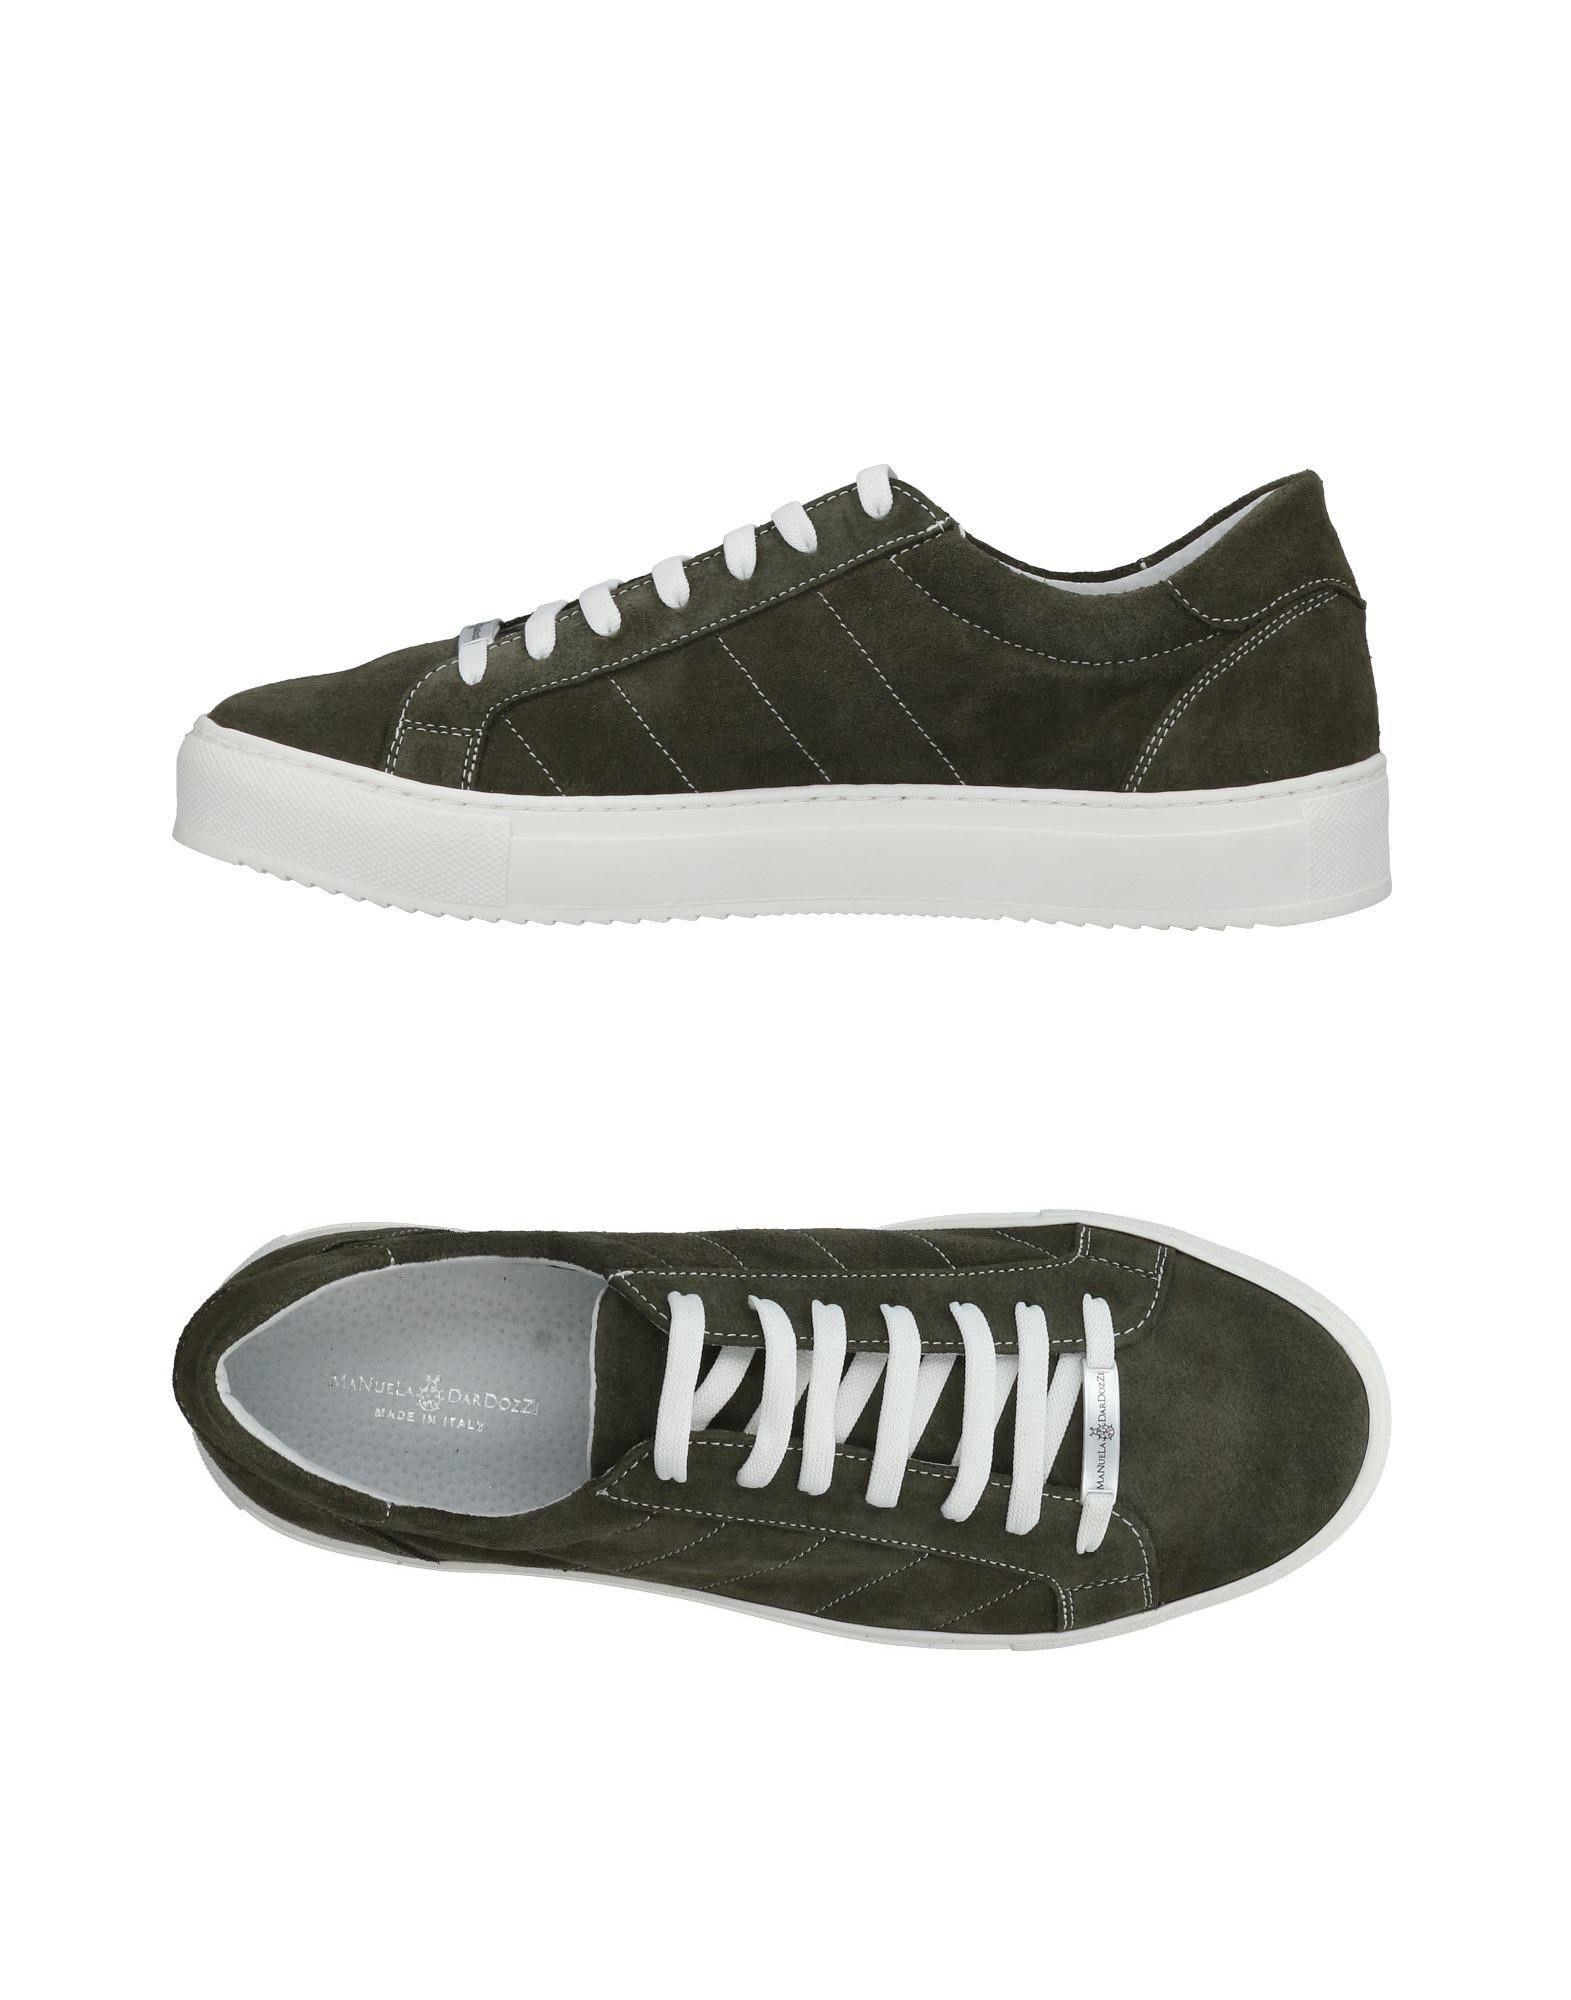 Dardozzi Manuela Dardozzi  Sneakers Herren  11423723DU 200580